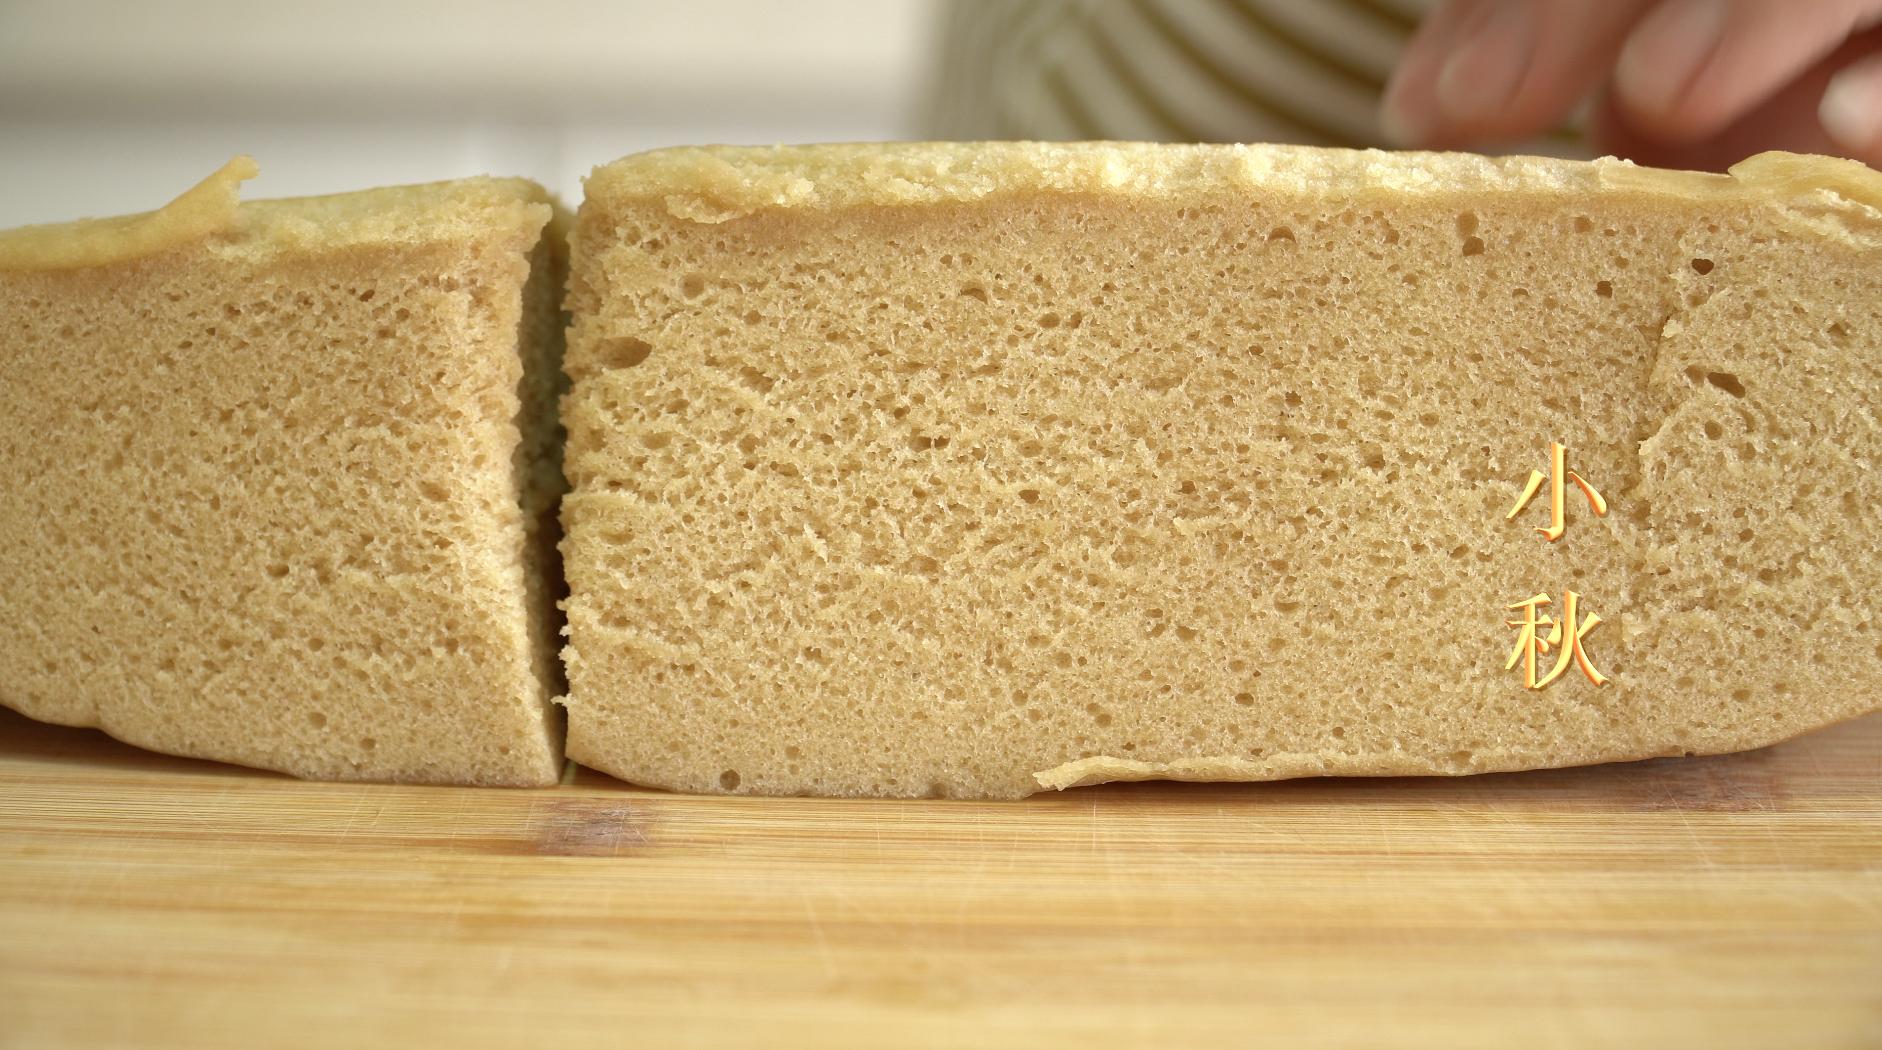 紅糖發糕新配方老做法:只要用筷子攪一攪,蓬鬆宣軟,細膩有嚼勁